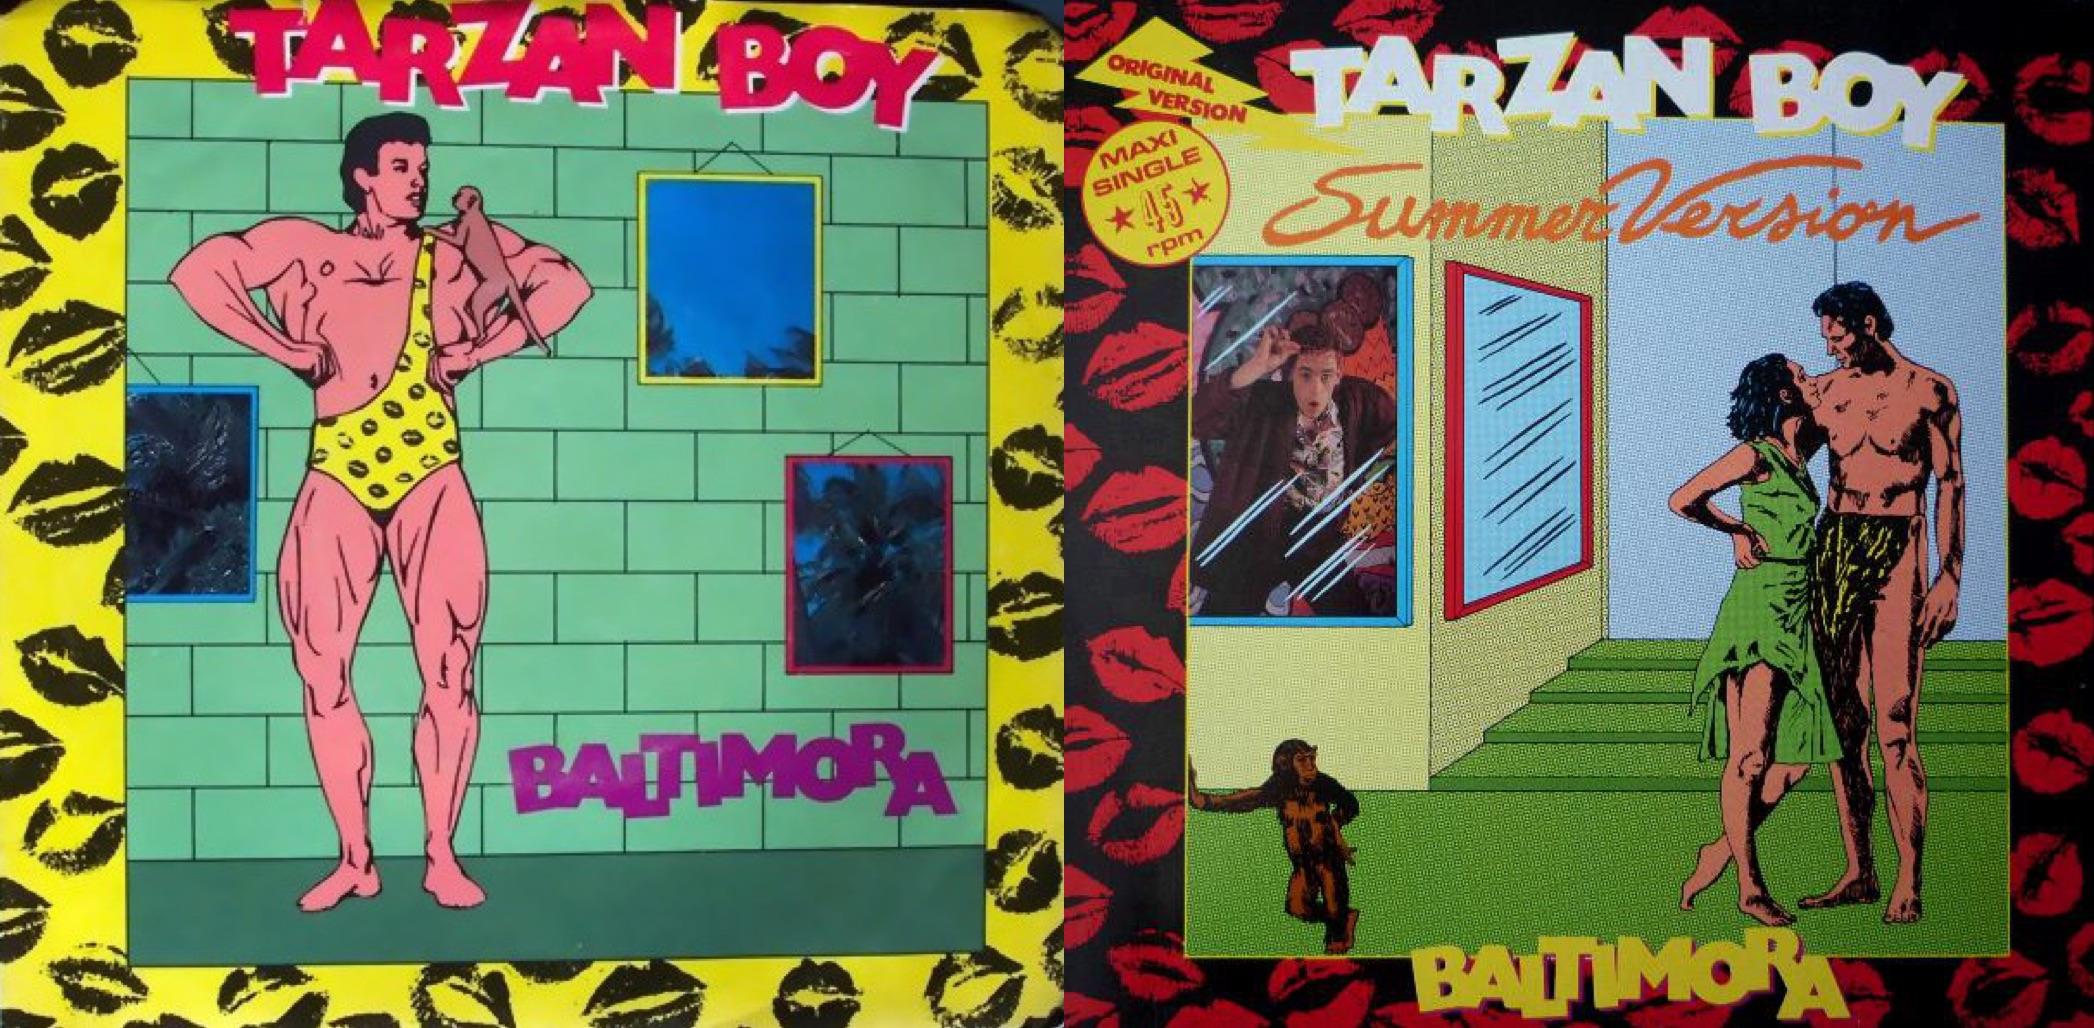 """Discos sencillos de """"Tarzan Boy"""", con diseños de cómic (1985)."""